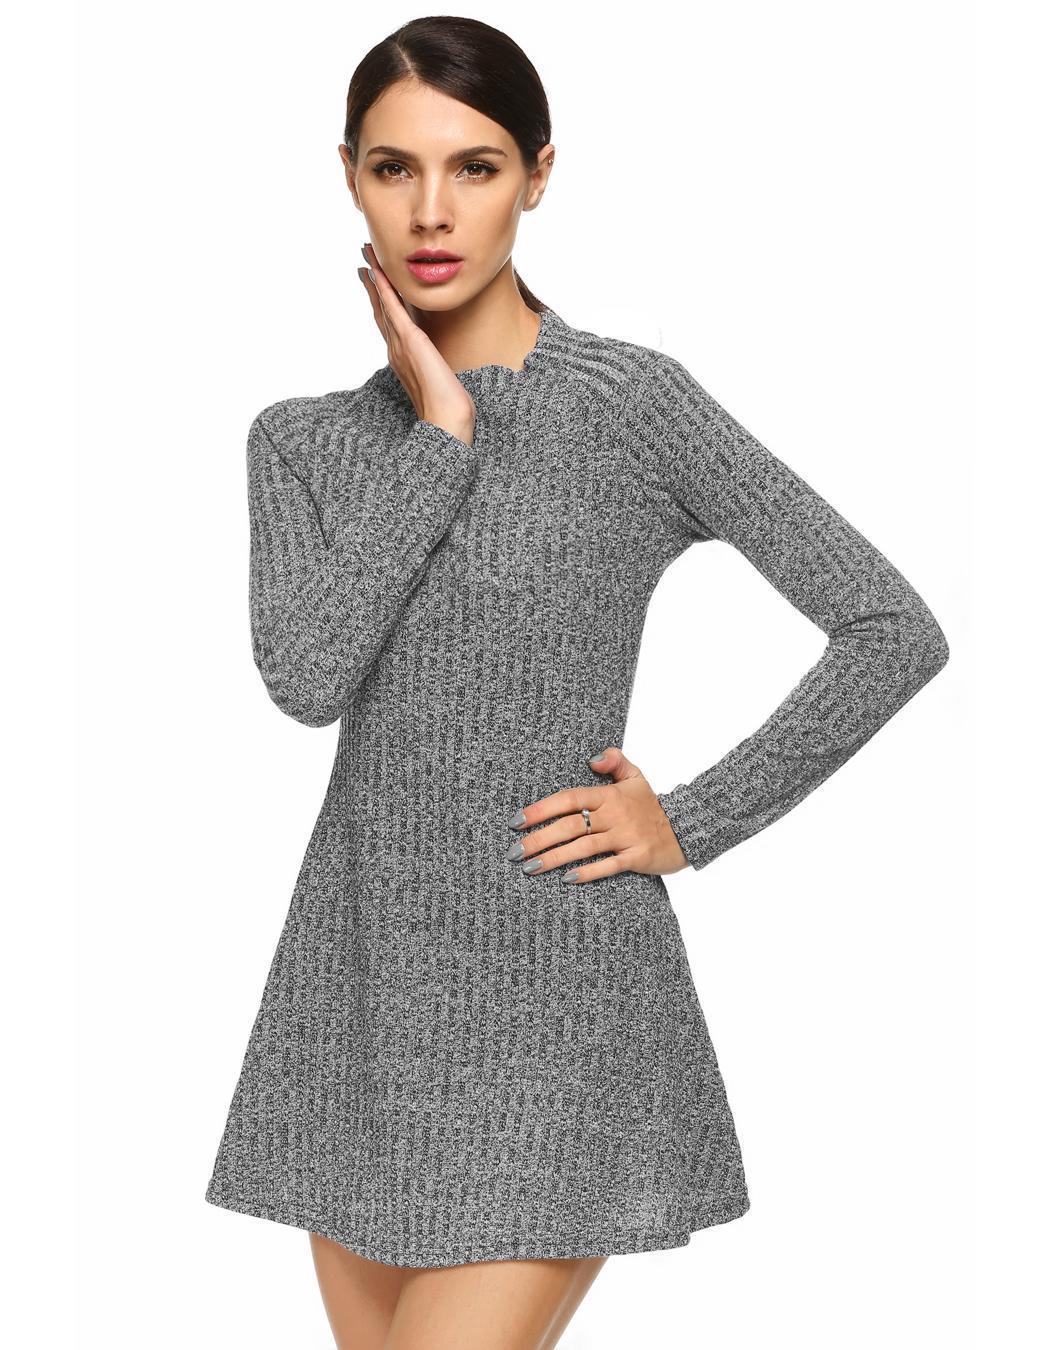 Vestito donna mini abito casual maglia lunga smile strass maniche corte nuovo